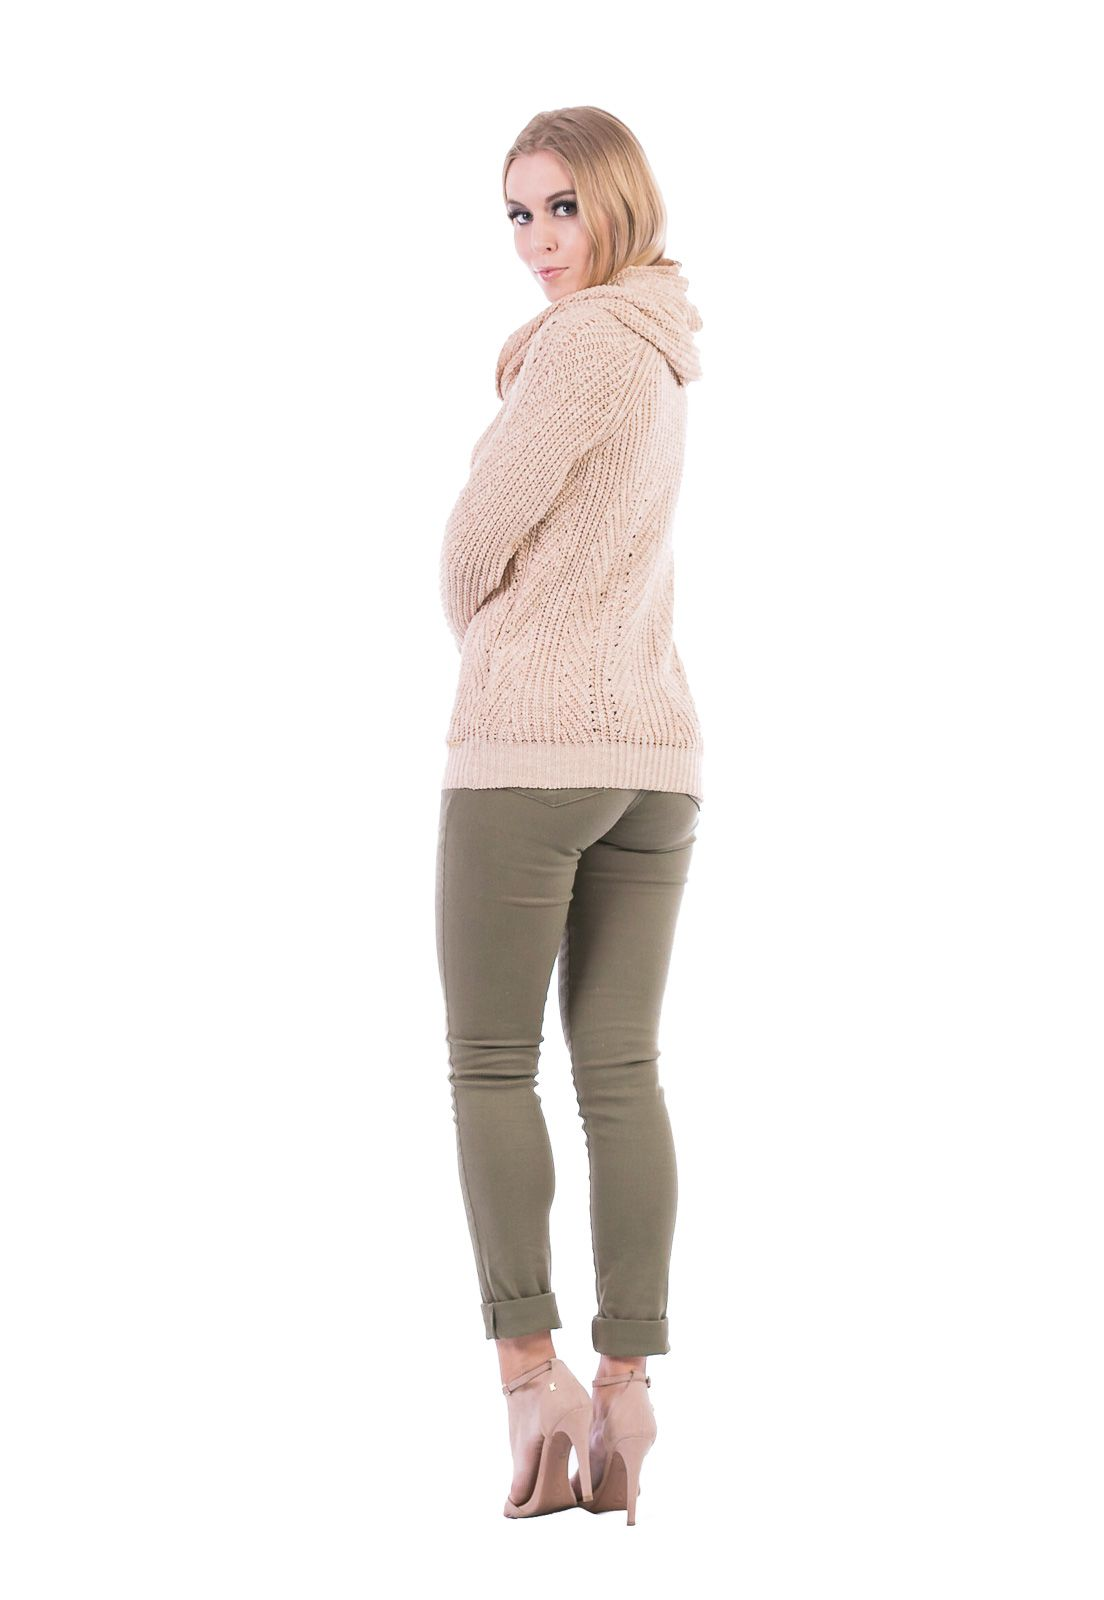 Blusa Dioxes Manga Longa de Tricot com Gola Sobreposta